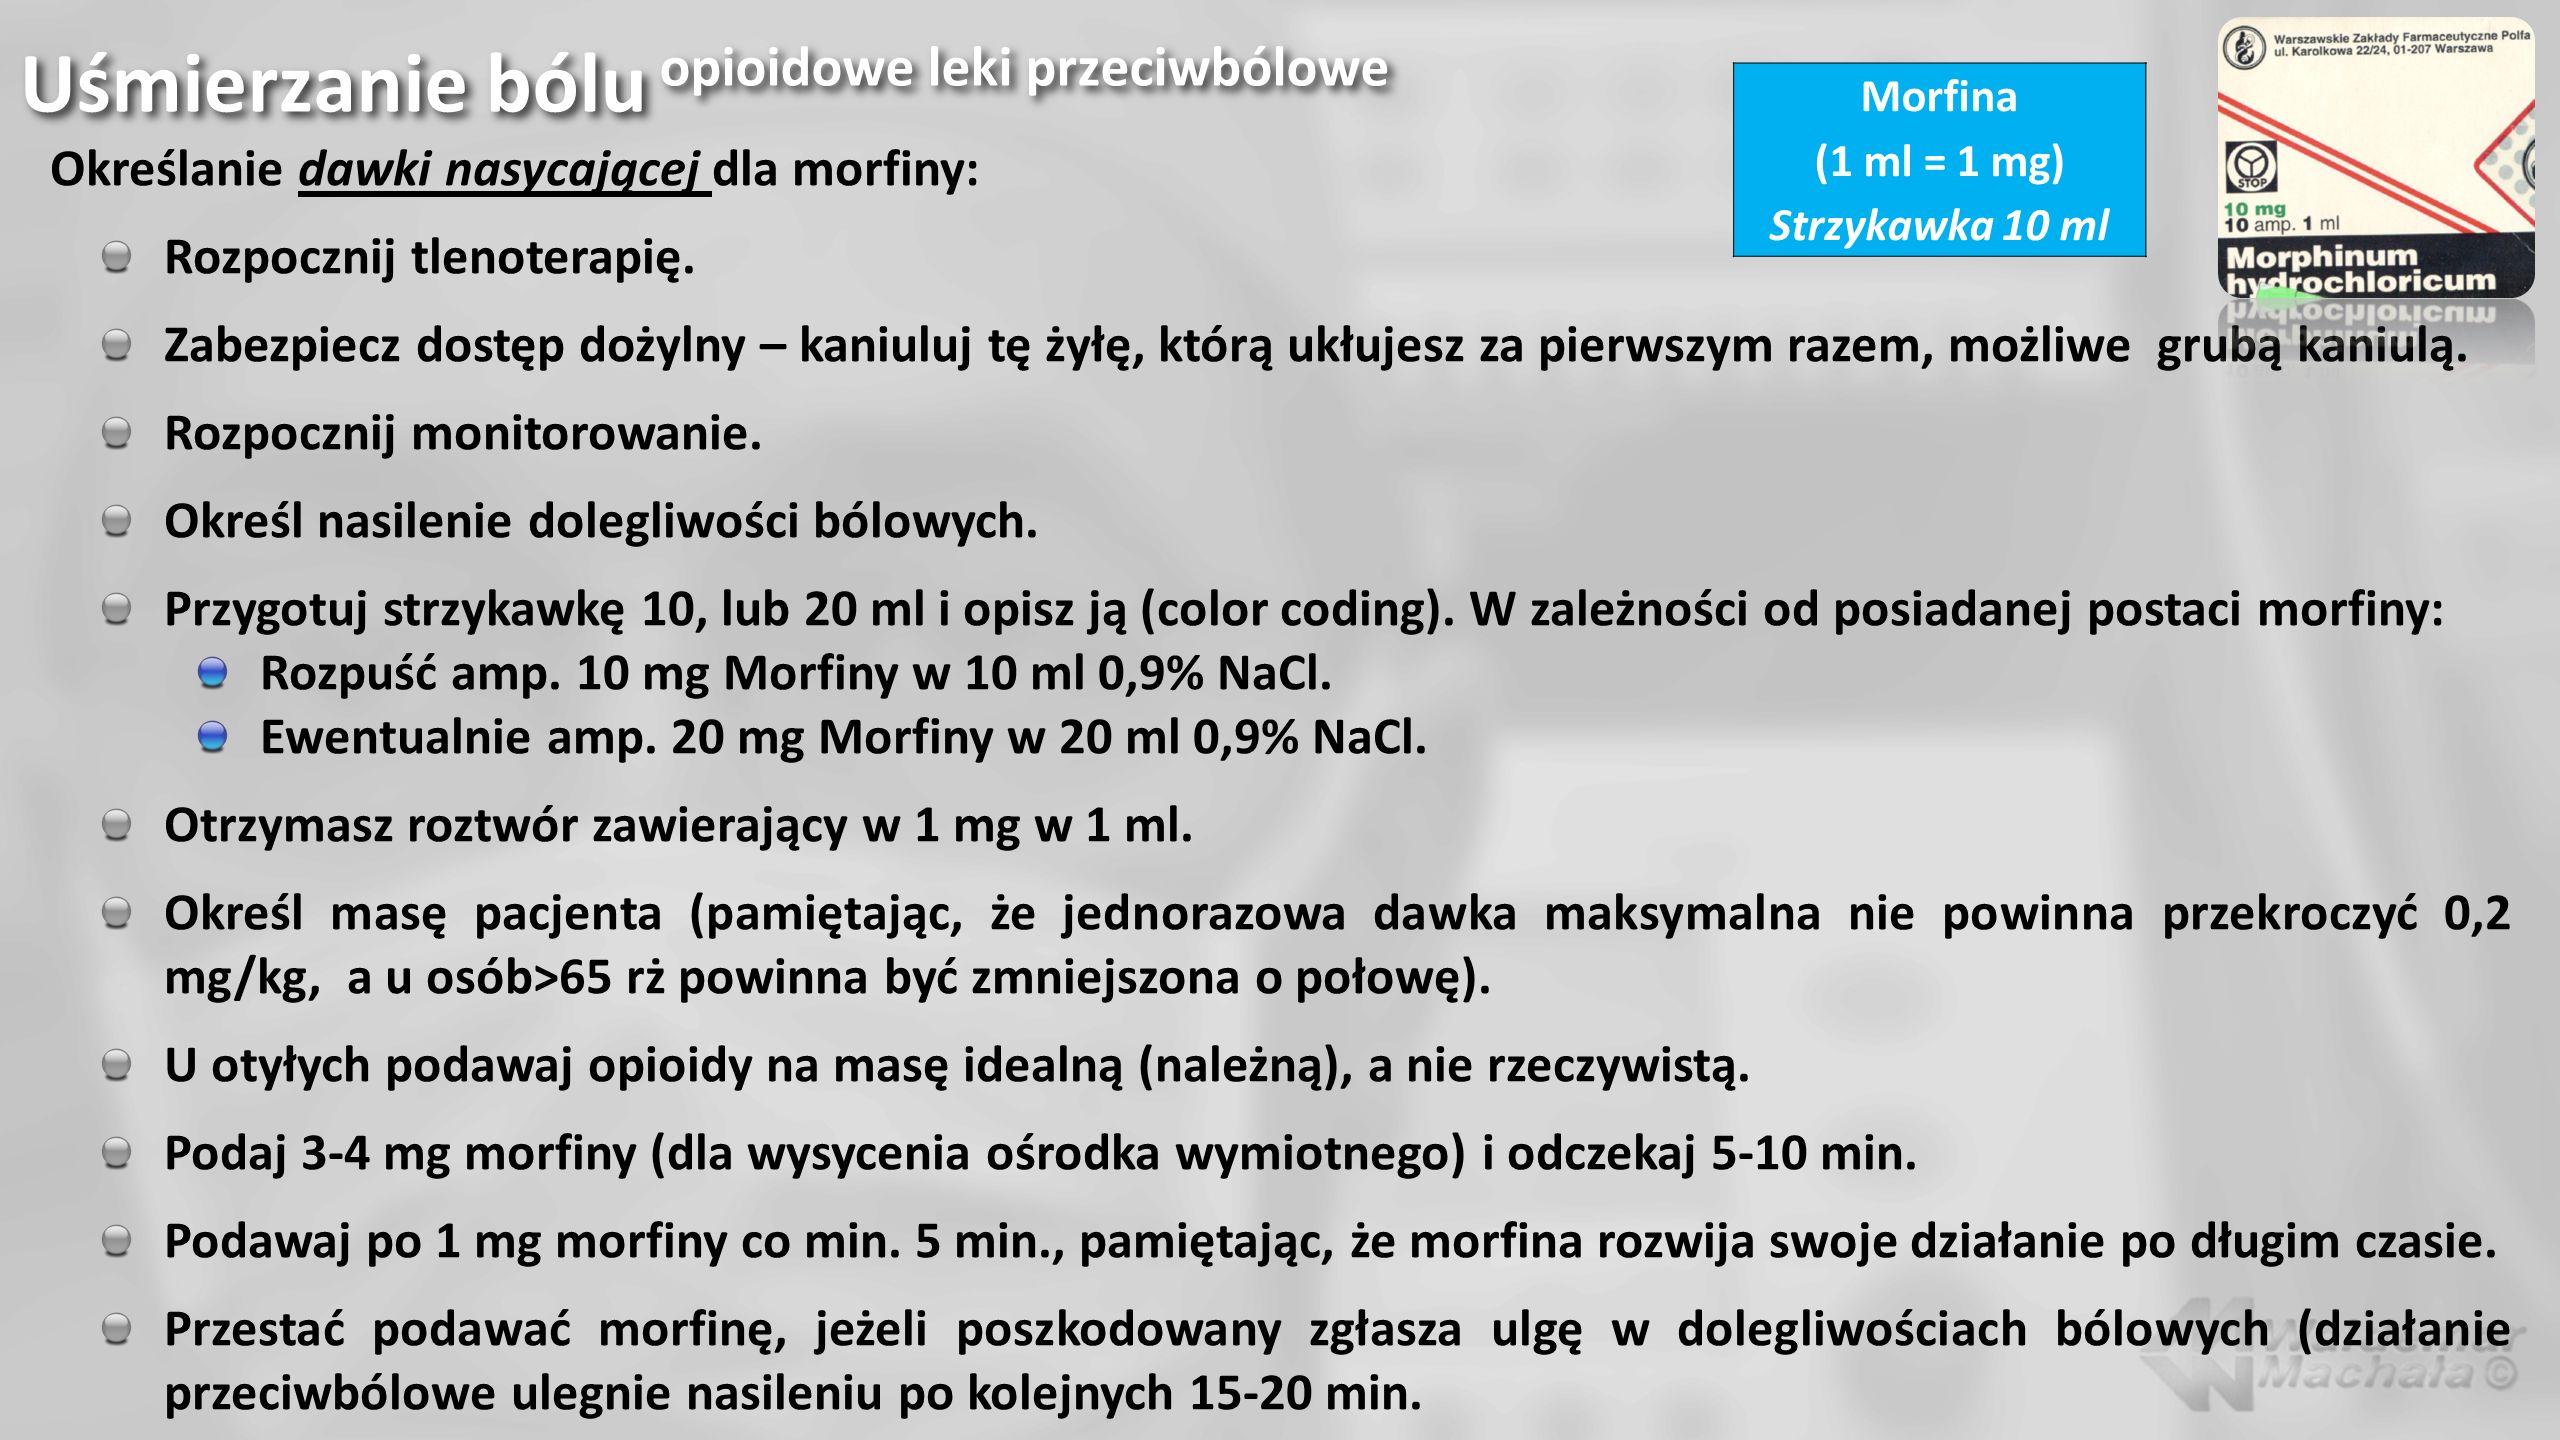 Uśmierzanie bólu opioidowe leki przeciwbólowe Określanie dawki nasycającej dla morfiny: Rozpocznij tlenoterapię. Zabezpiecz dostęp dożylny – kaniuluj